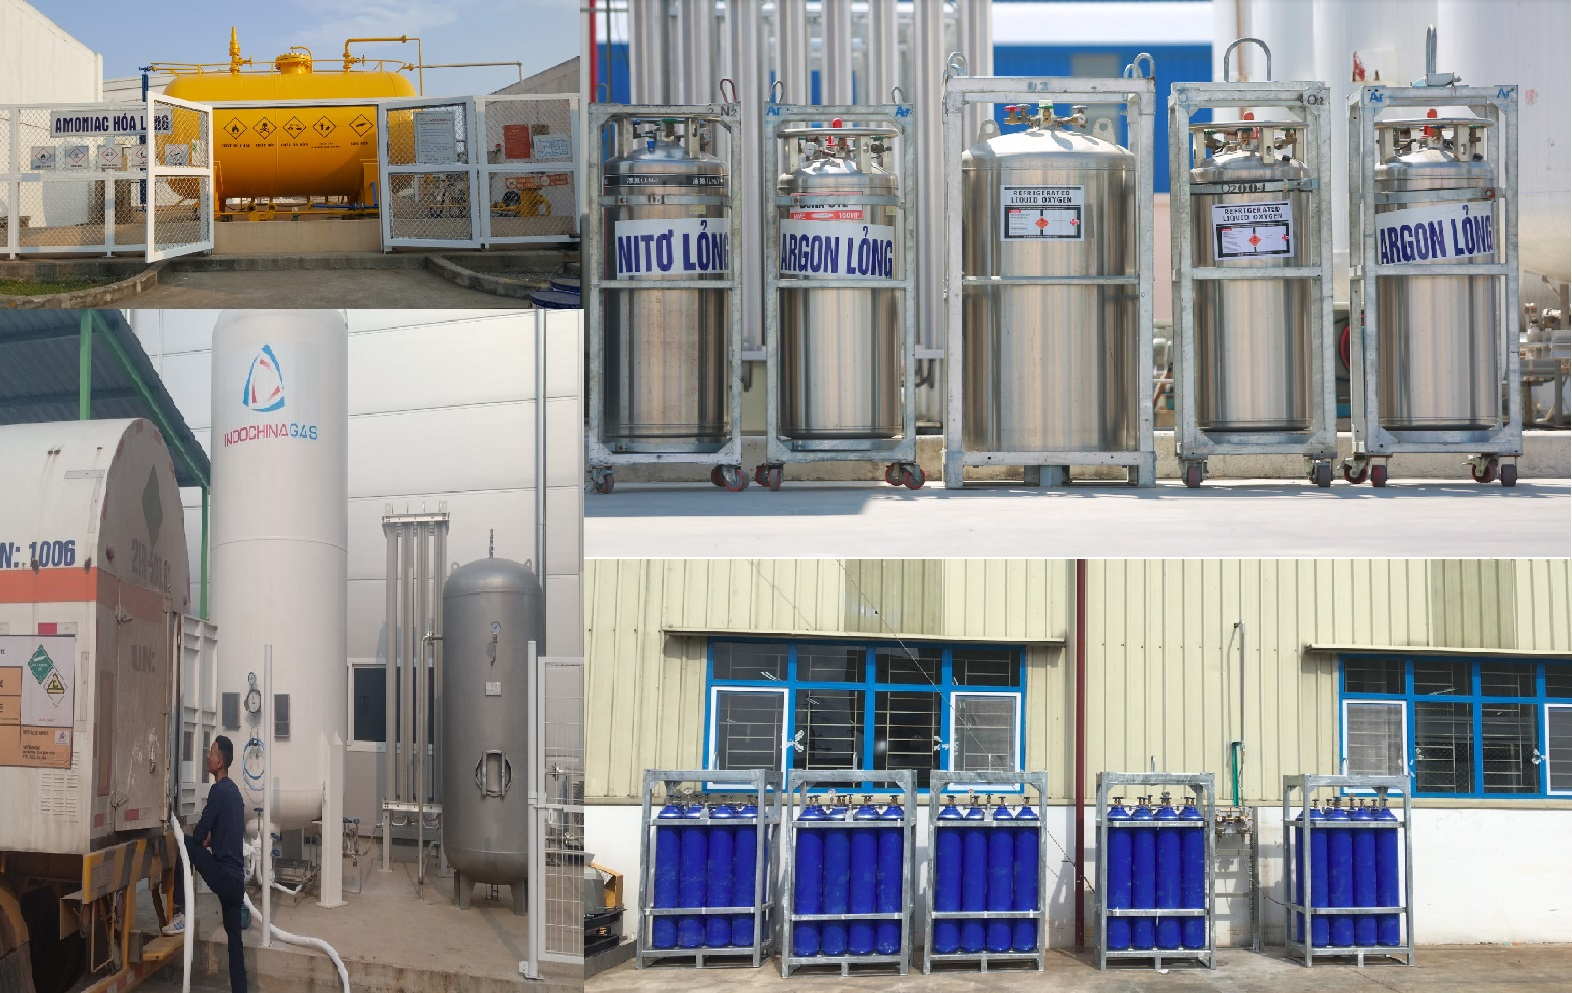 Giải pháp lắp đặt trạm cấp khí tập trung (Gas station), bồn chứa khí CO2 lỏng, Nitơ lỏng (N2), Oxy lỏng (O2), Argon lỏng, Amoniac lỏng (NH3)